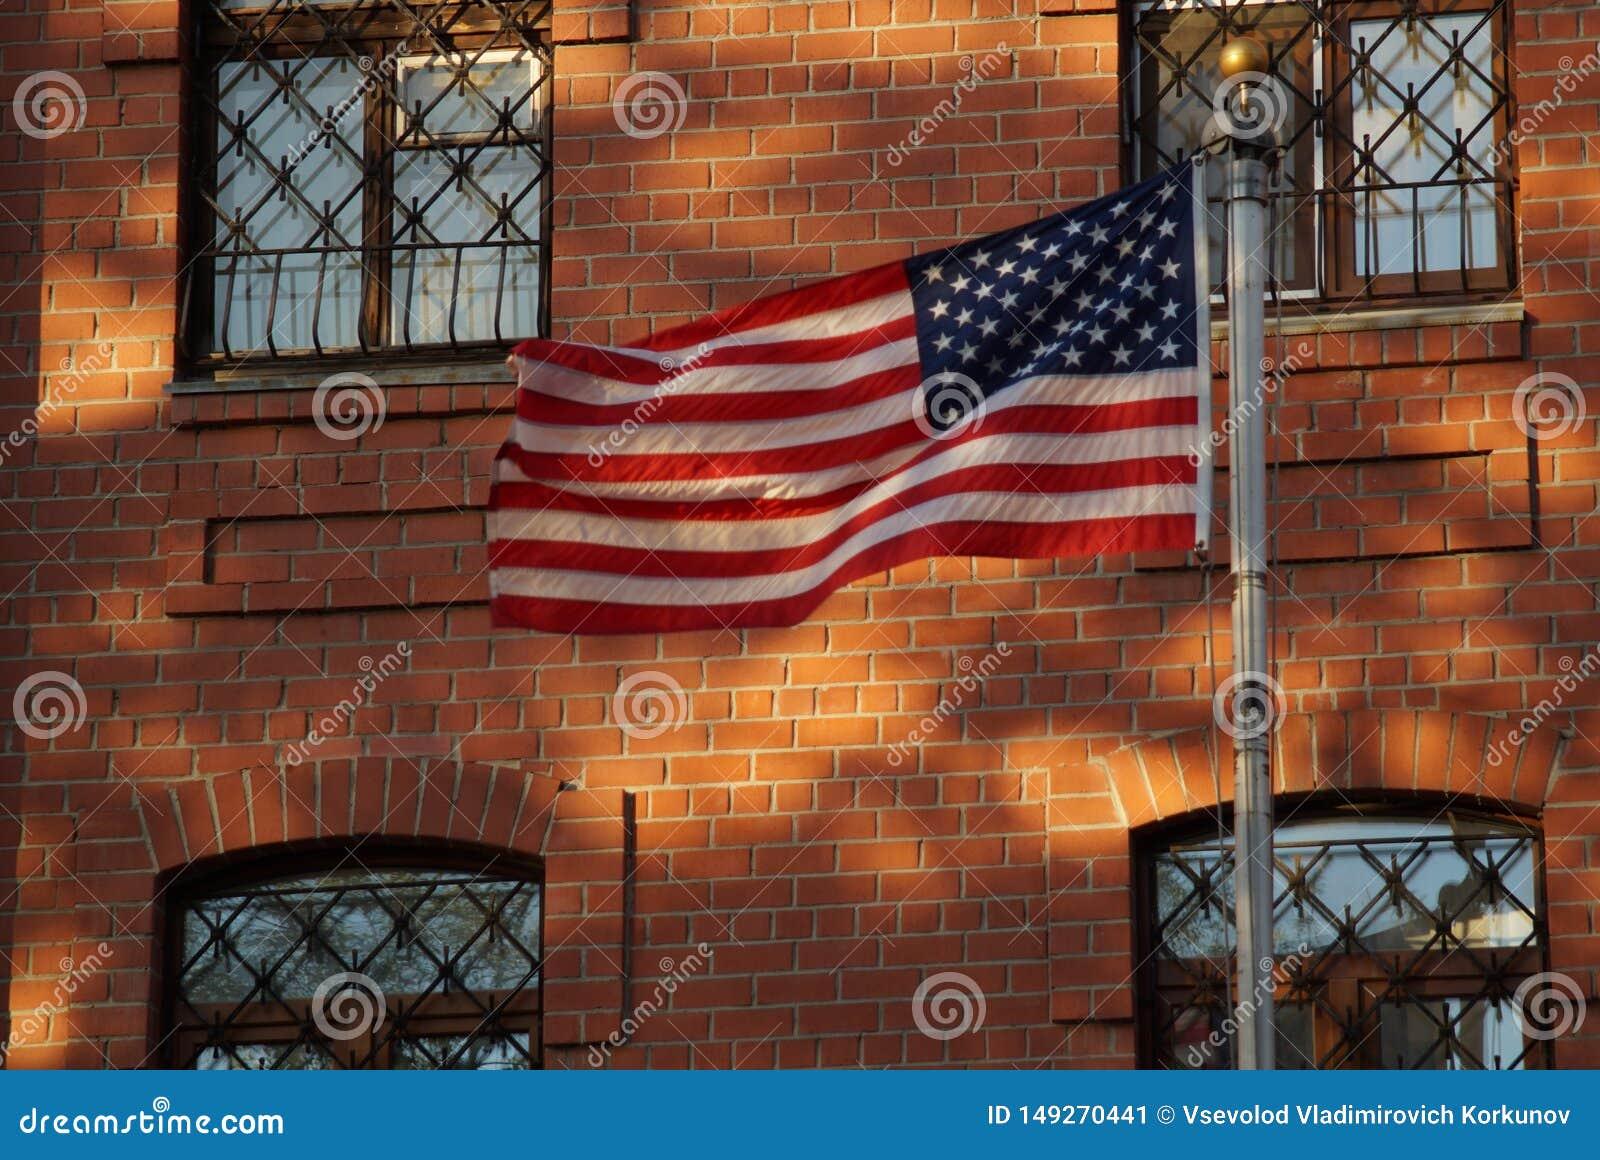 Le drapeau est en harmonie avec les éléments de la façade